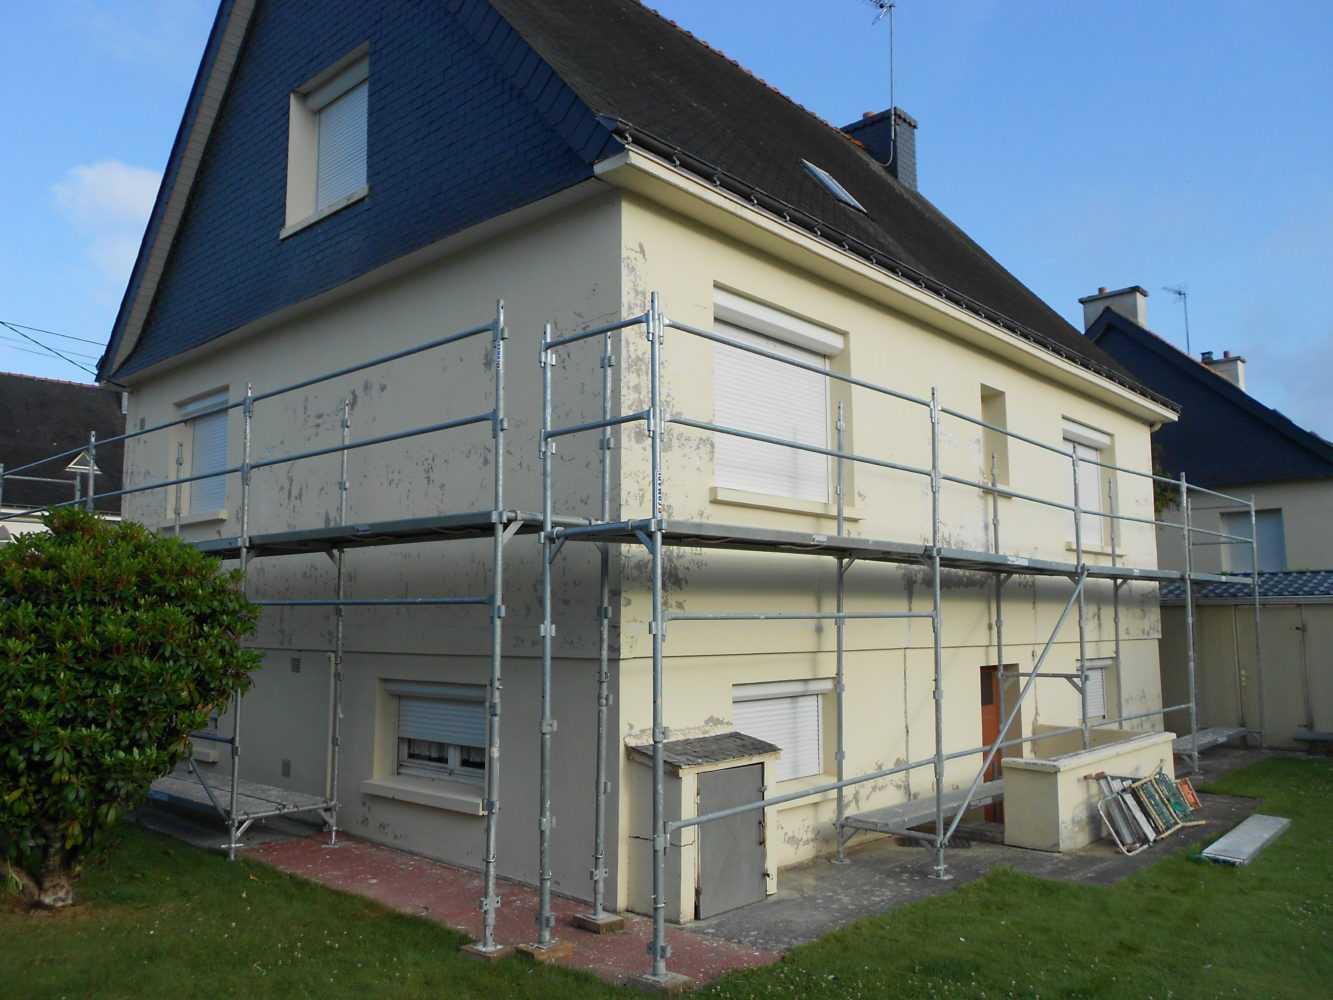 Ravalement facade peinture exterieure Loudeac Pontivy 2 - Ravalement de façade